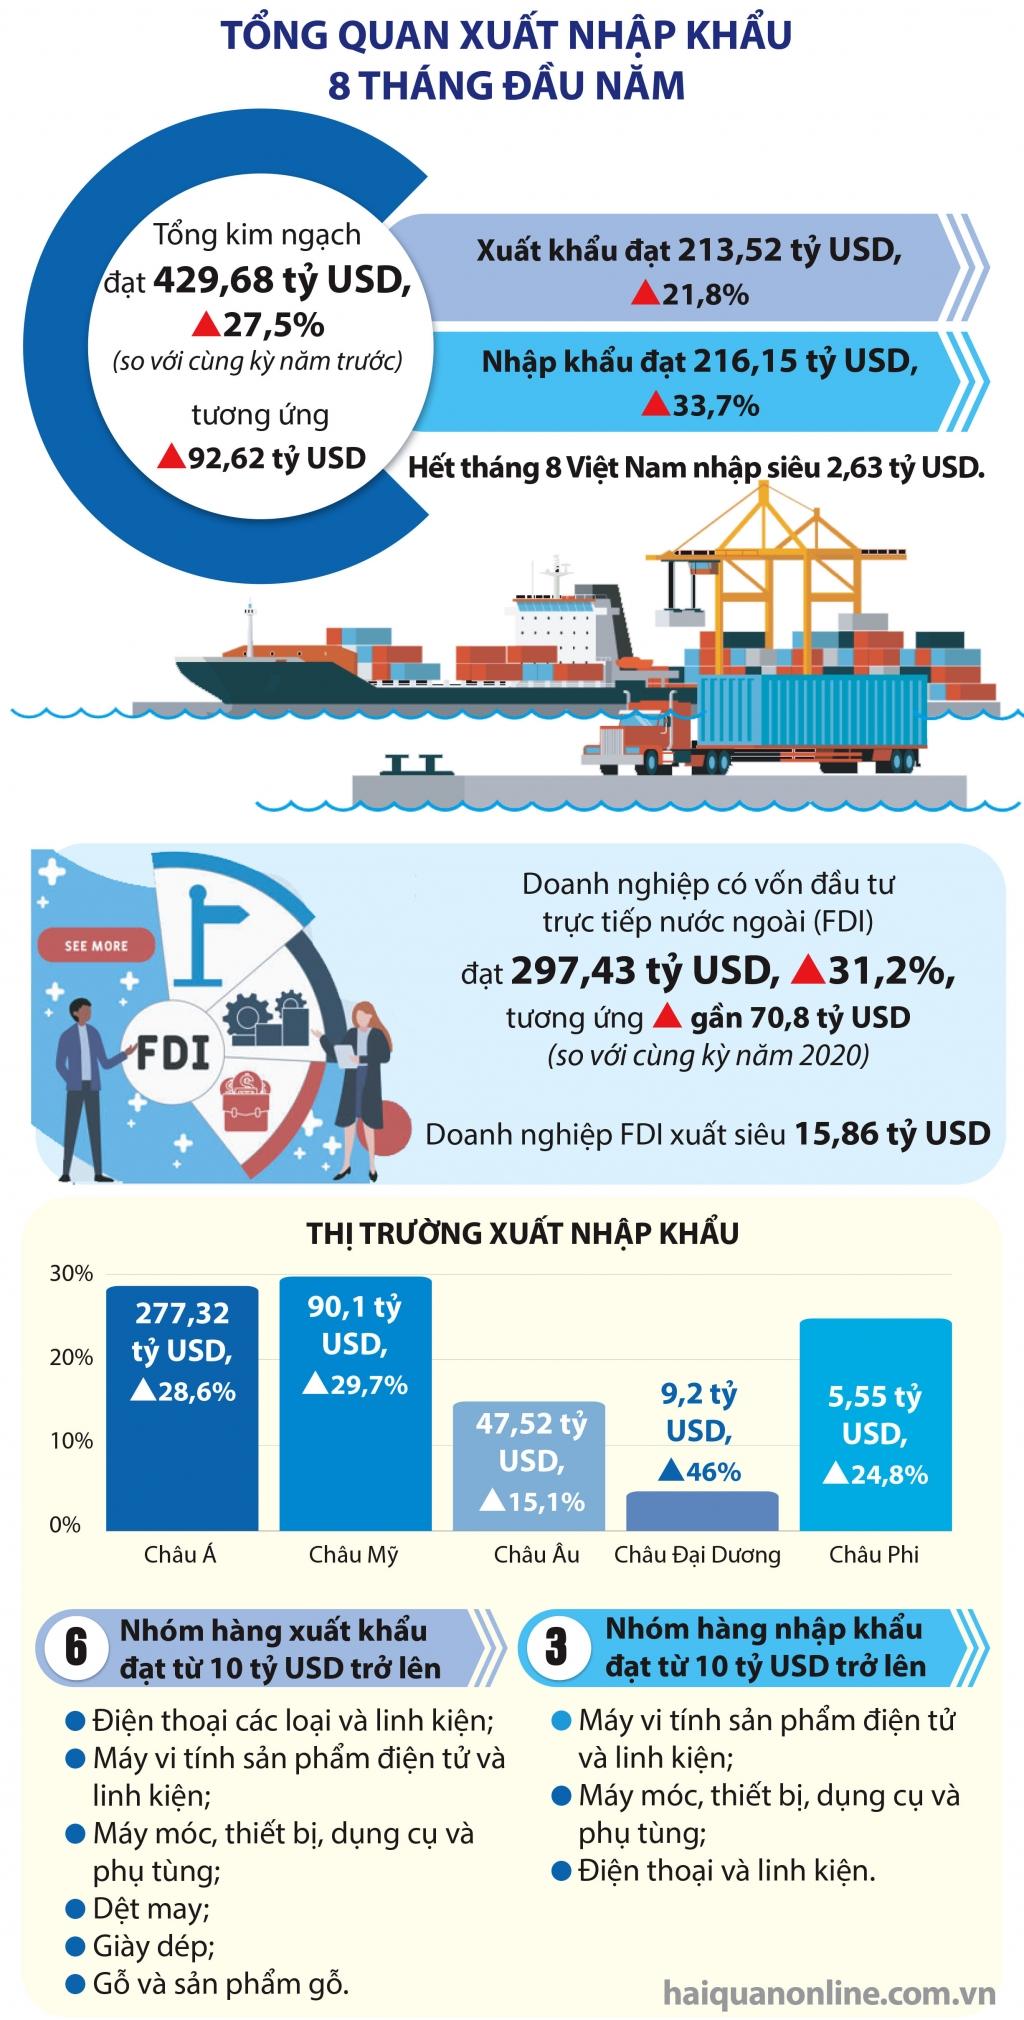 Infographics: Tổng quan xuất nhập khẩu 8 tháng đầu năm 2021